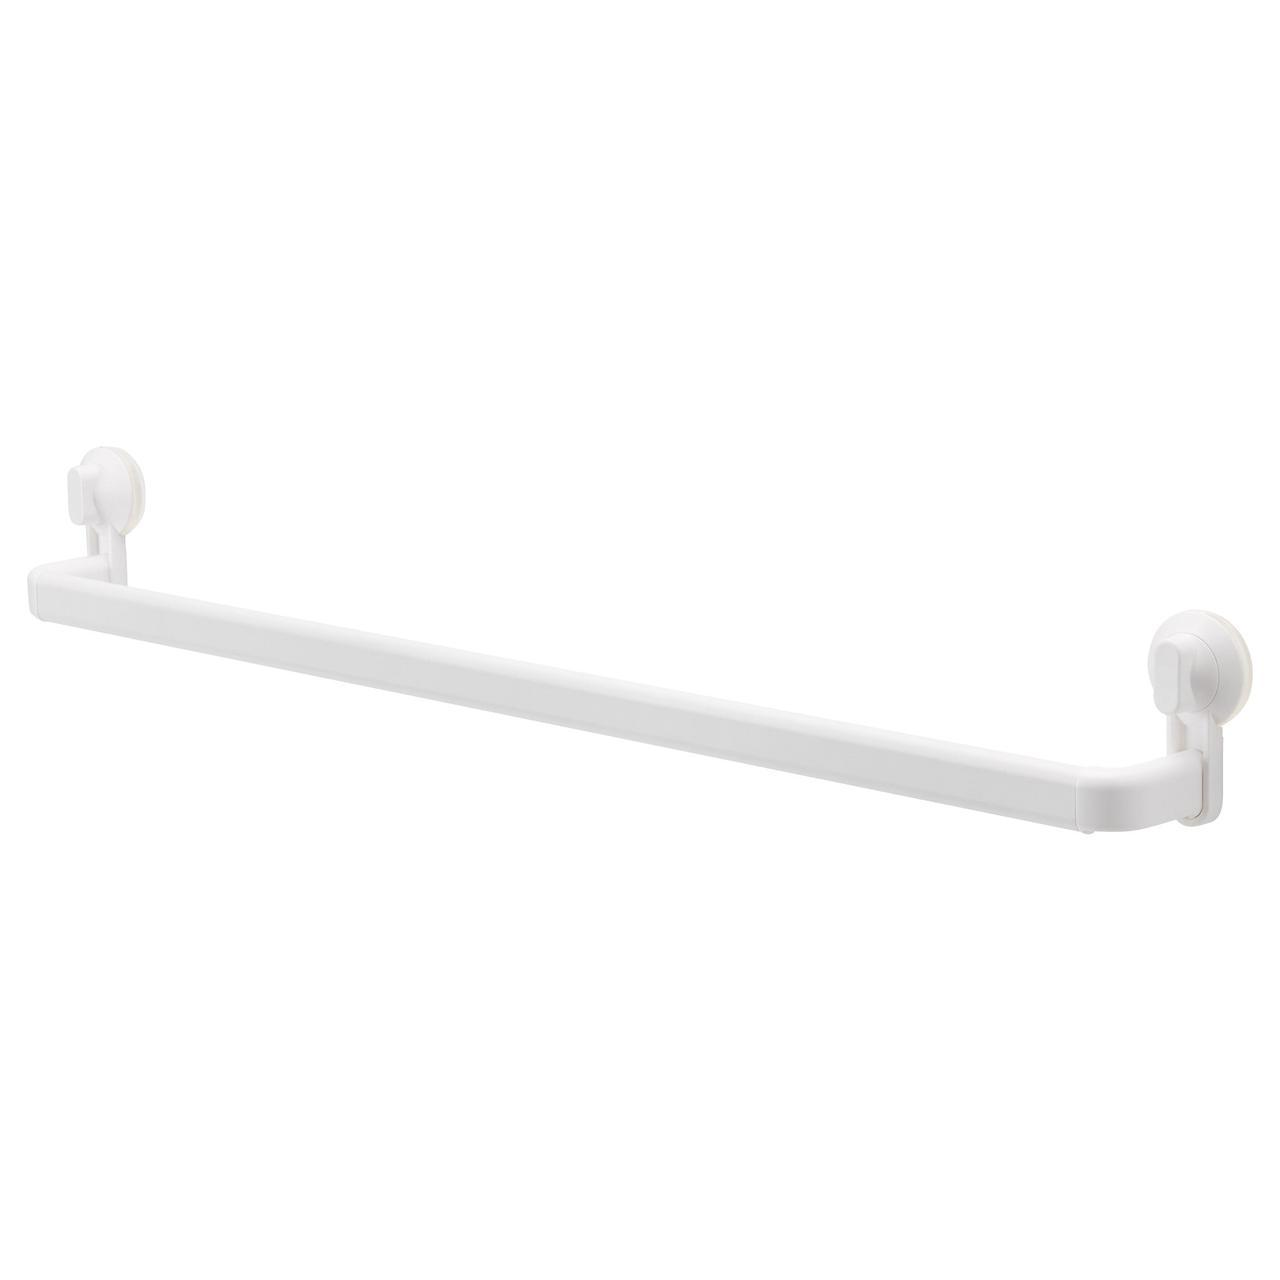 IKEA STUGVIK (302.970.14) Вешалка с присоской, белая